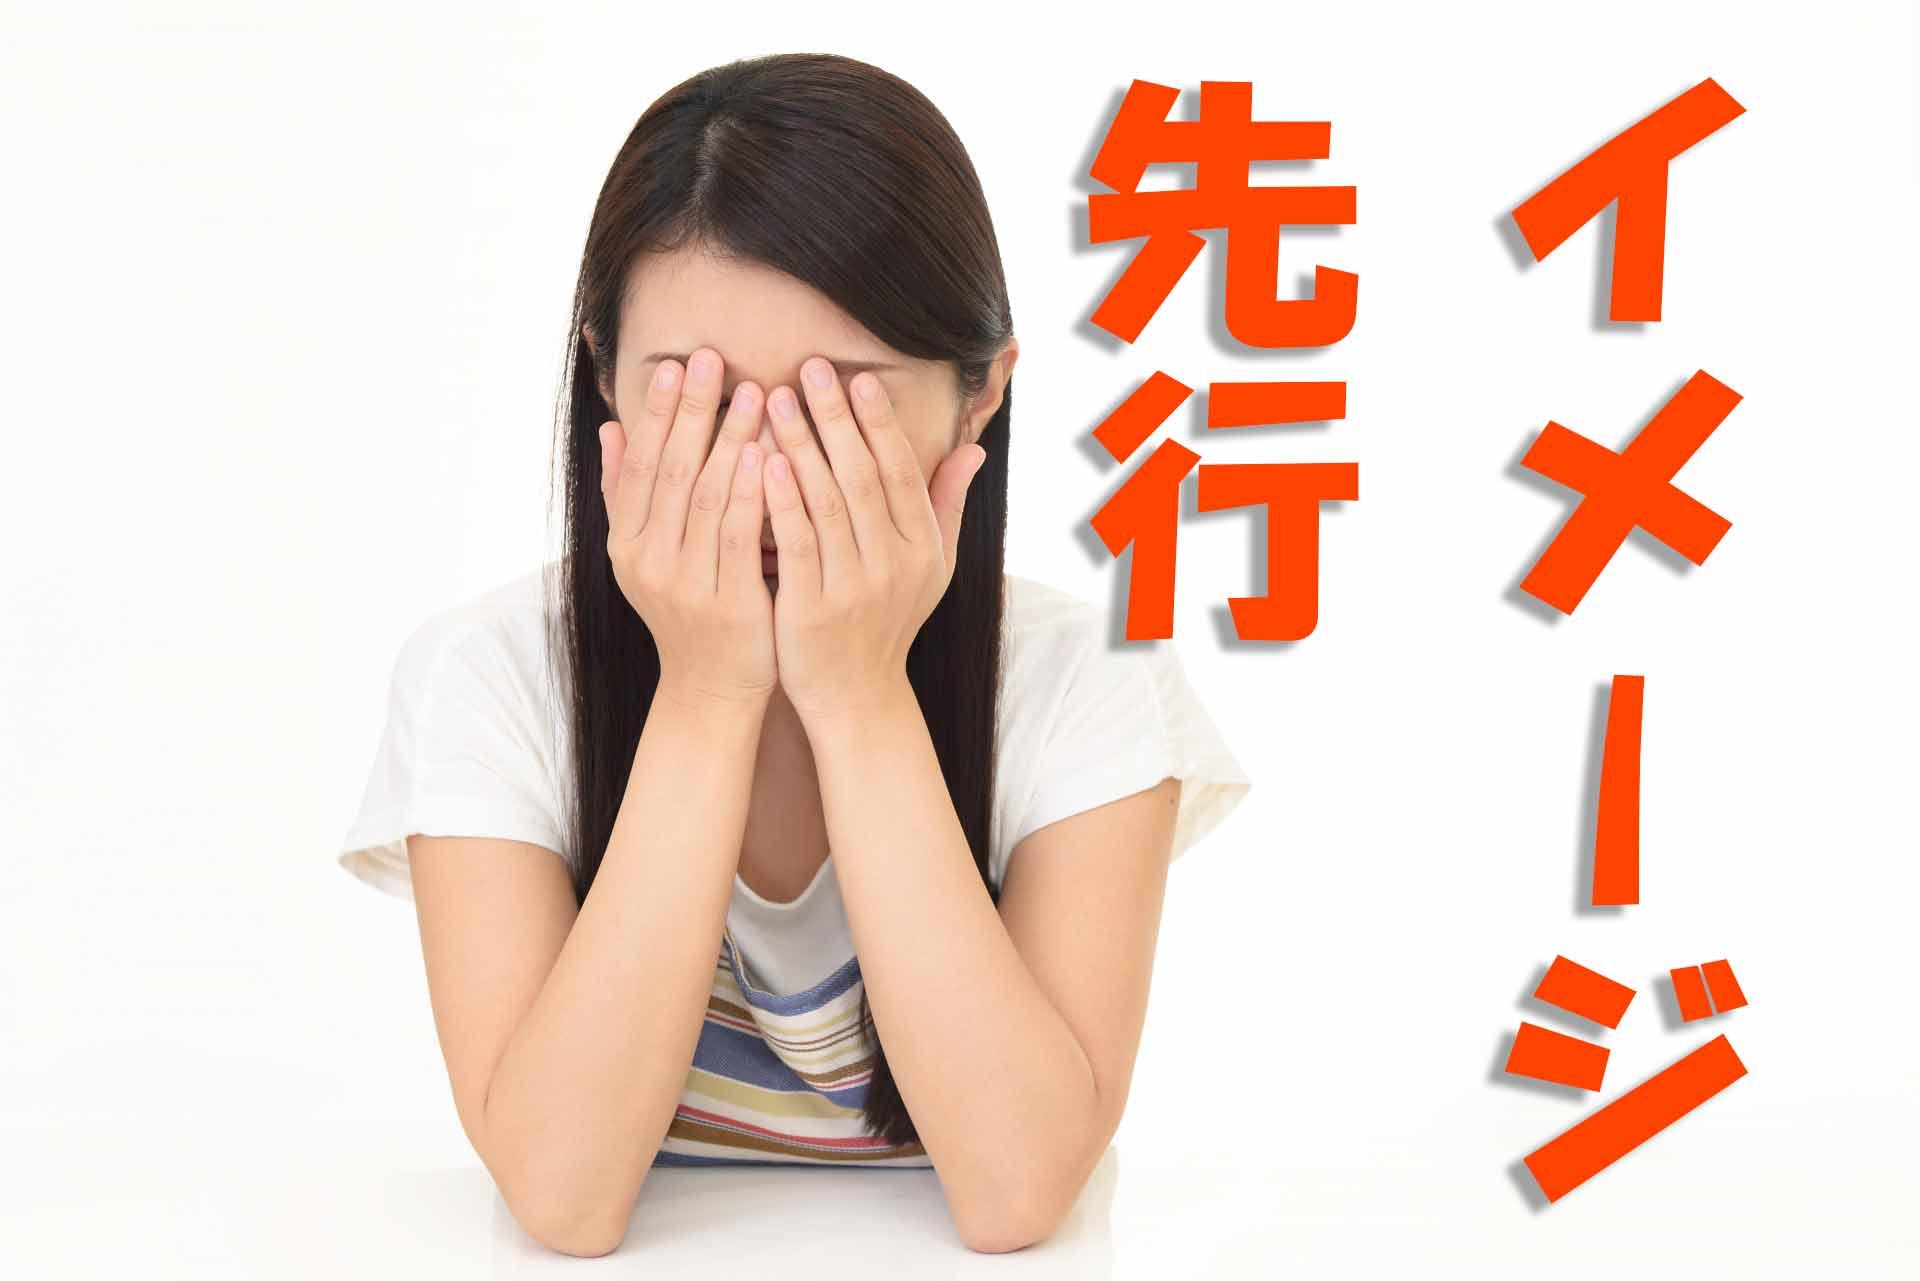 「イメージ先行」の文字と顔を覆って悩んでいる保育士の女性